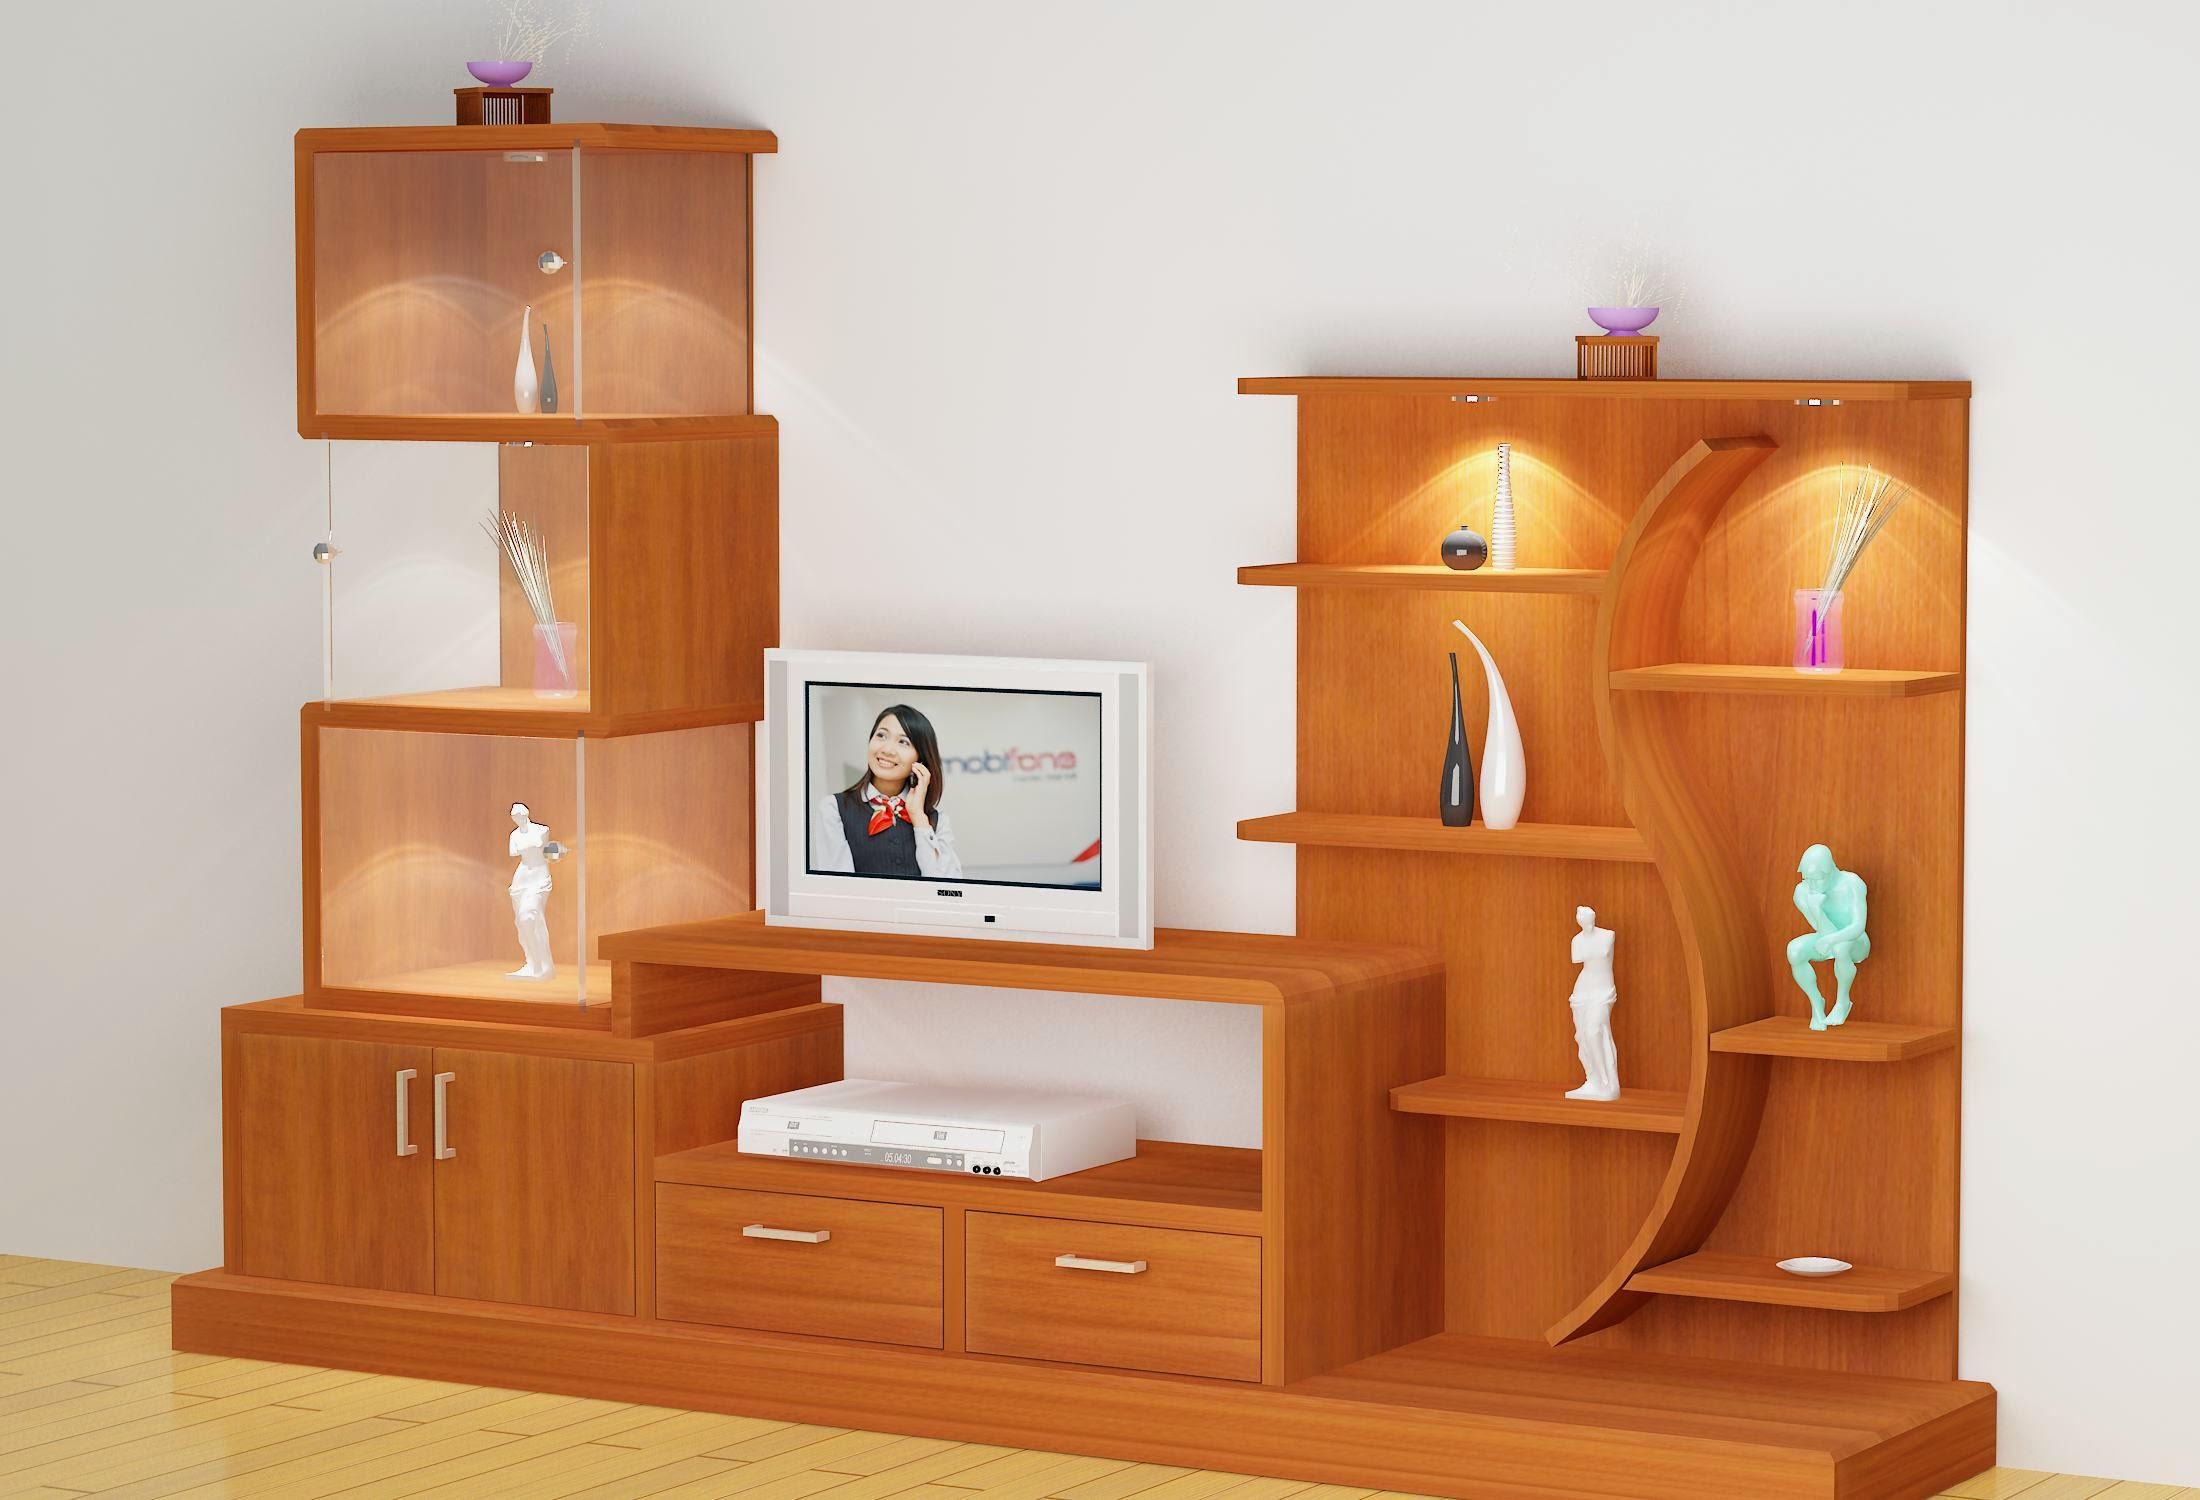 Tủ tivi gỗ trong trang trí nội thất